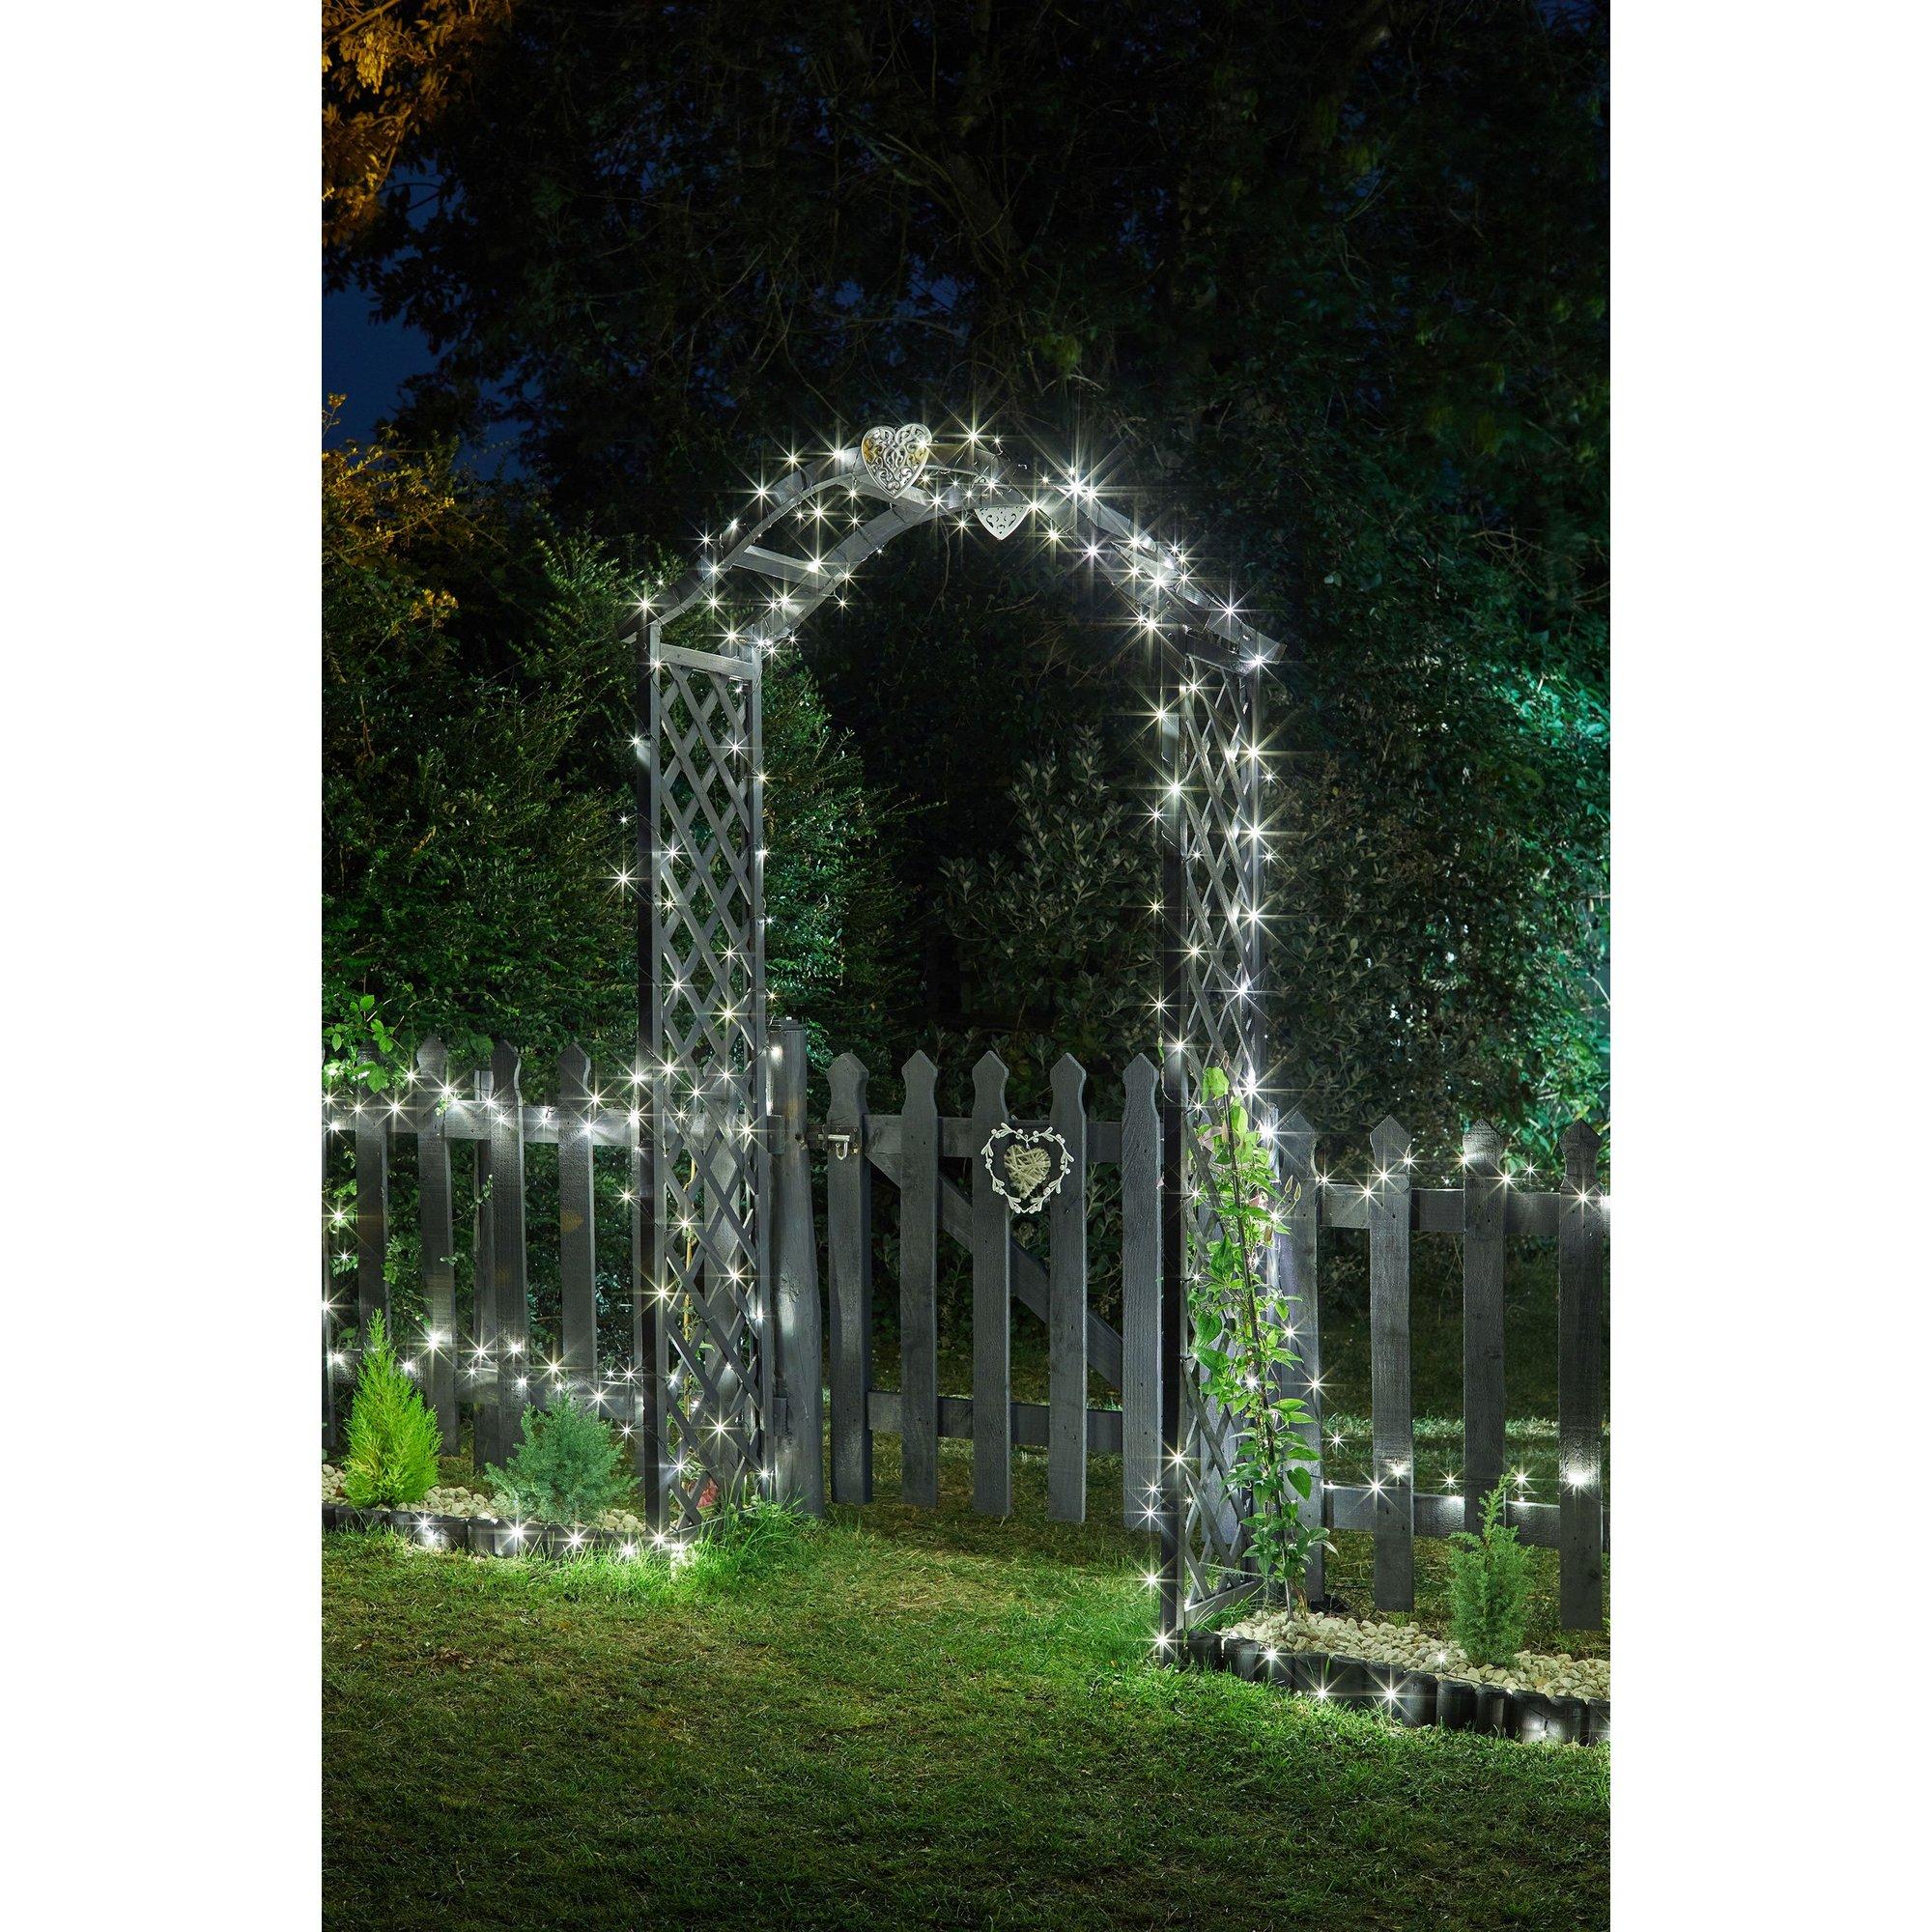 Image of 100 Cool White LED Solar String Lights